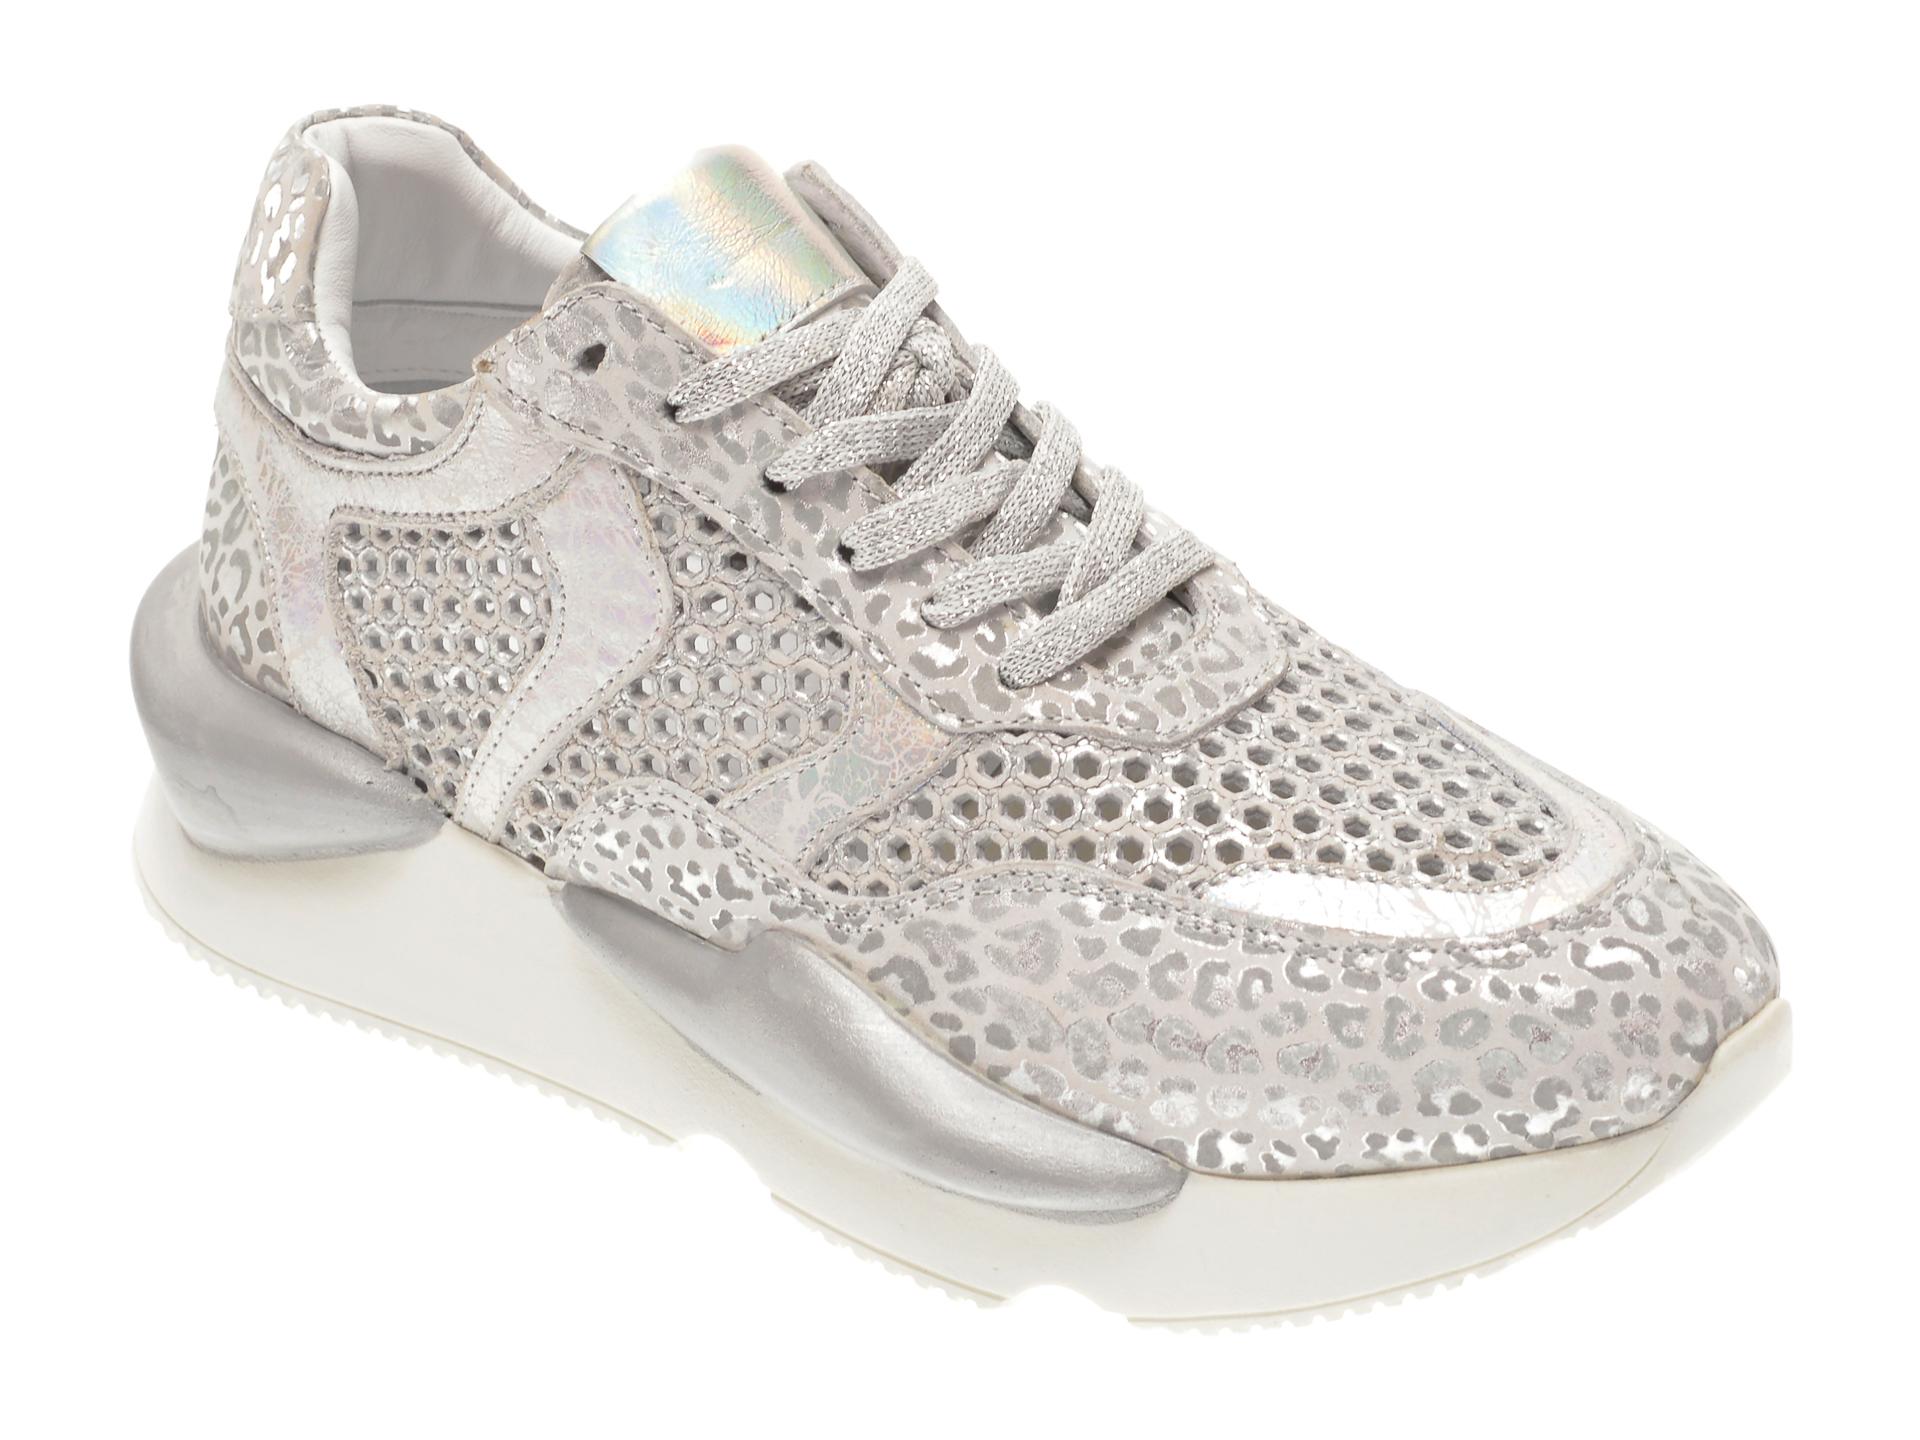 Pantofi sport FLAVIA PASSINI argintii, 135P60, din piele naturala imagine